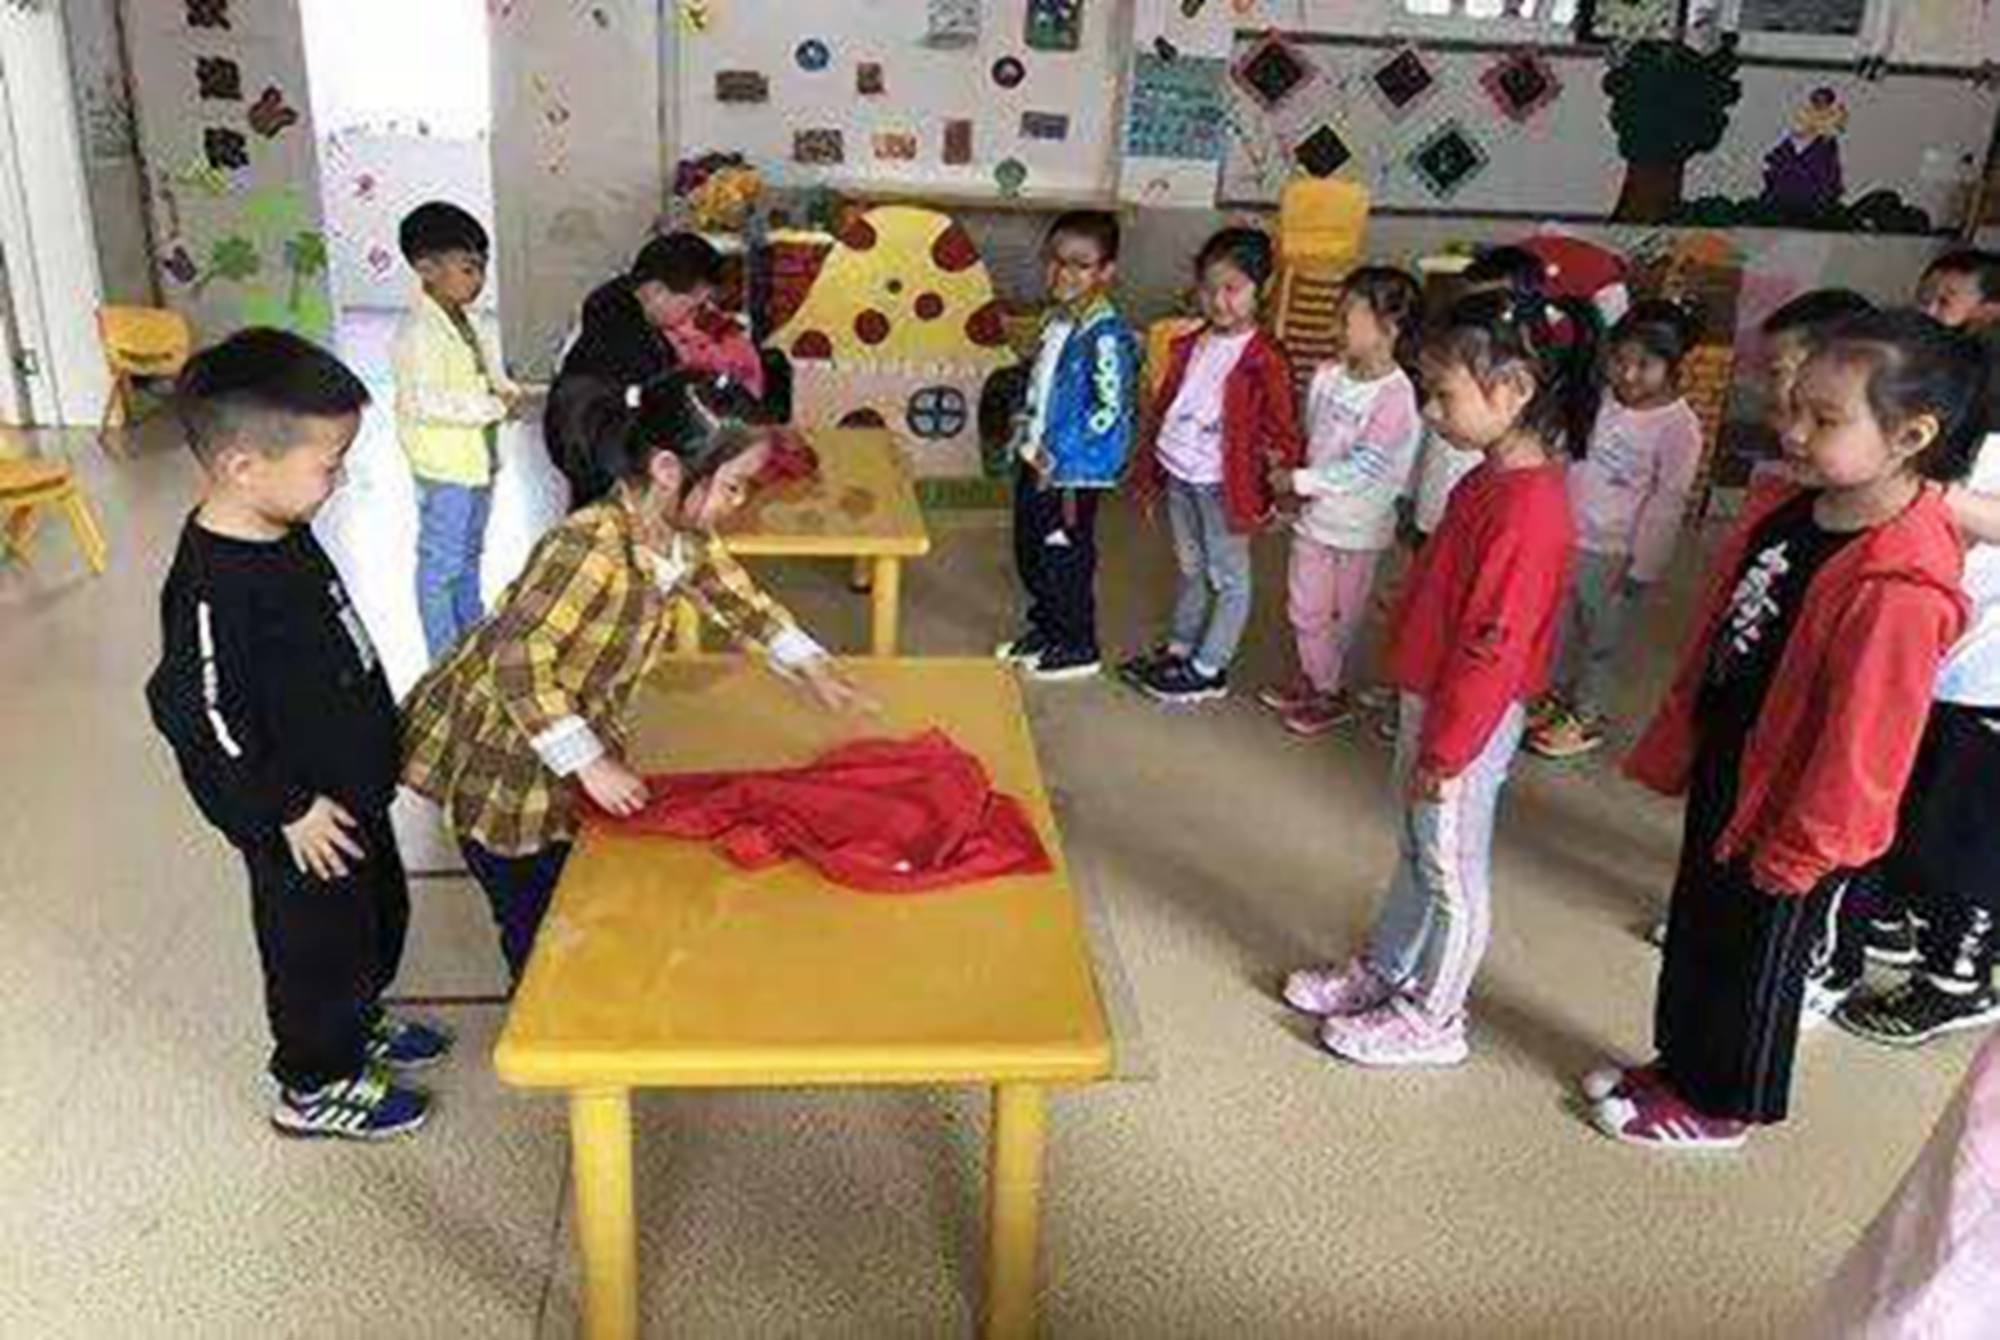 老师教孩子怀孕知识被家长吐槽 如何看待家长反对老师进行性教育